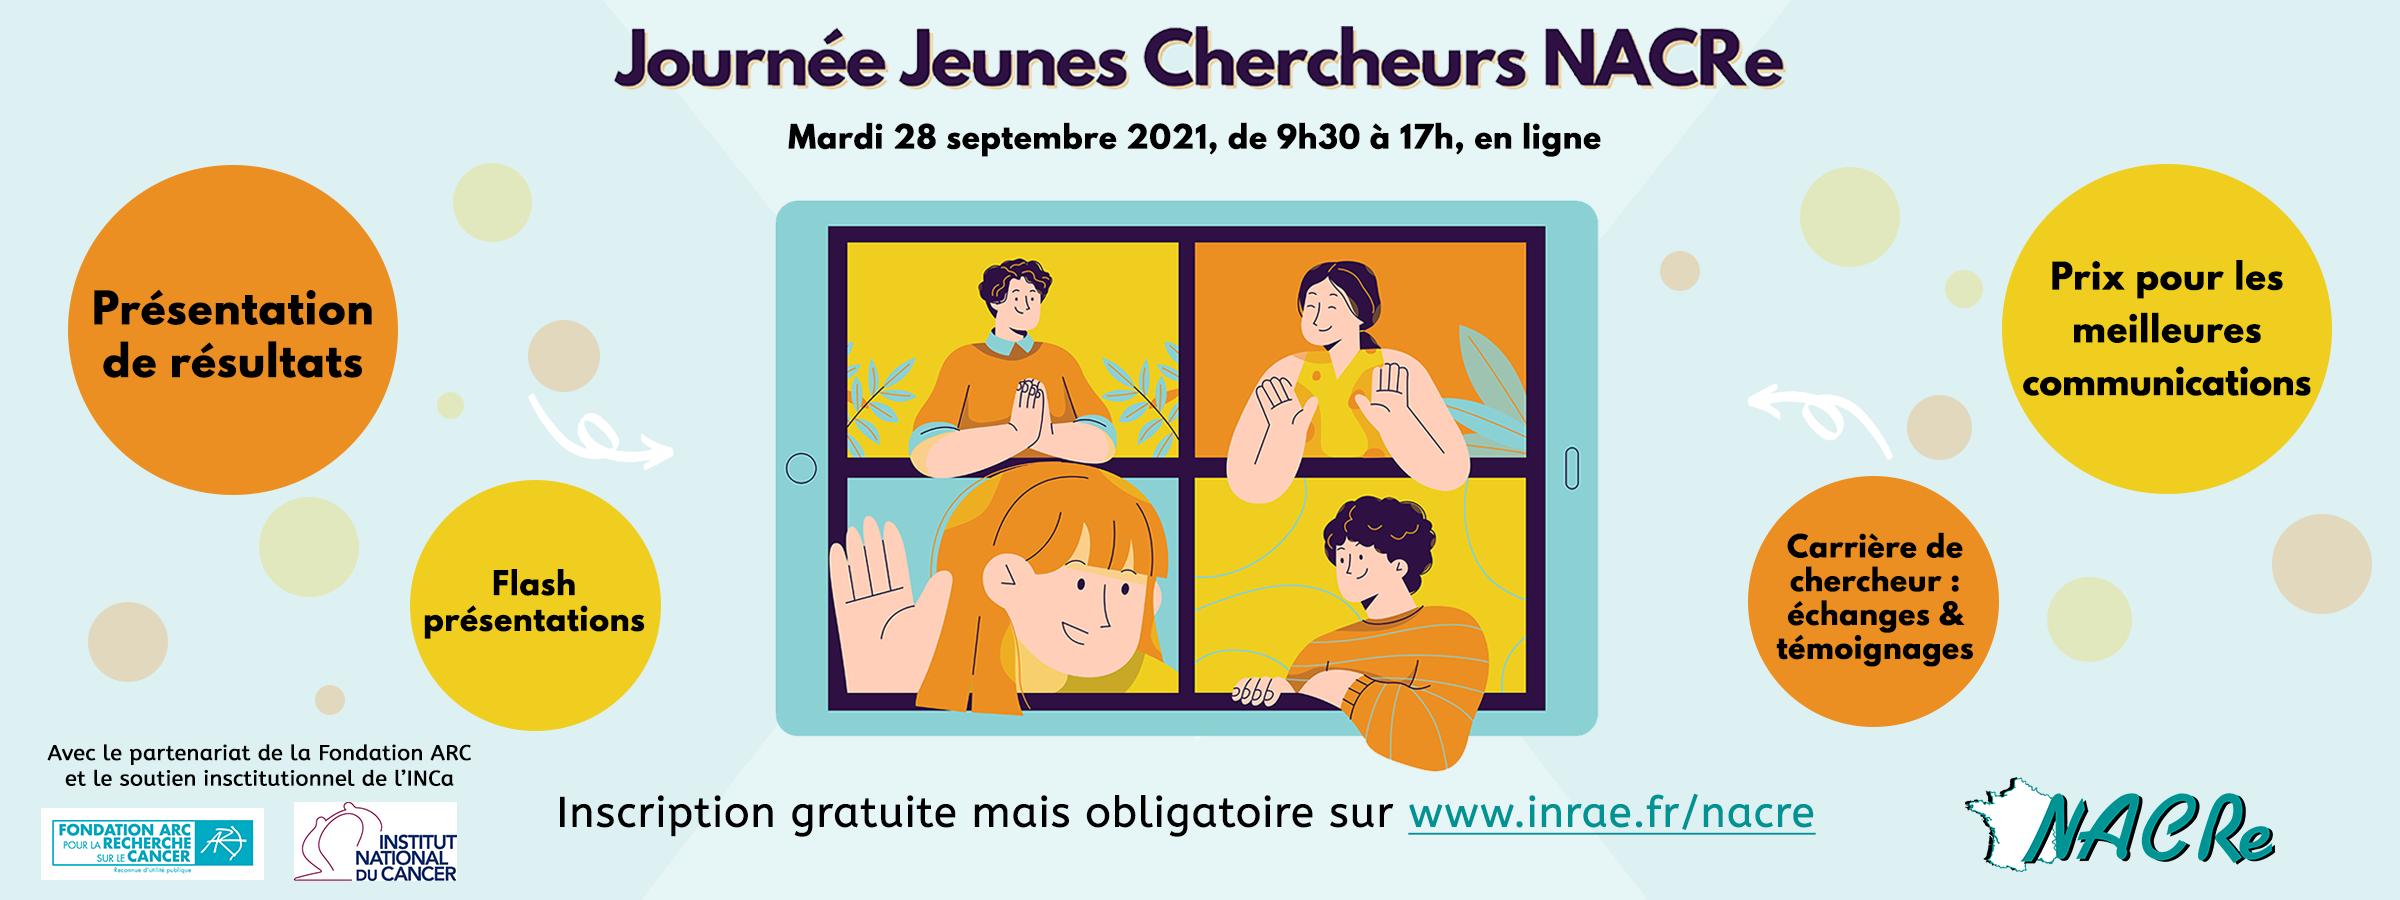 Journée Jeunes Chercheurs NACRe 2021_bandeau2